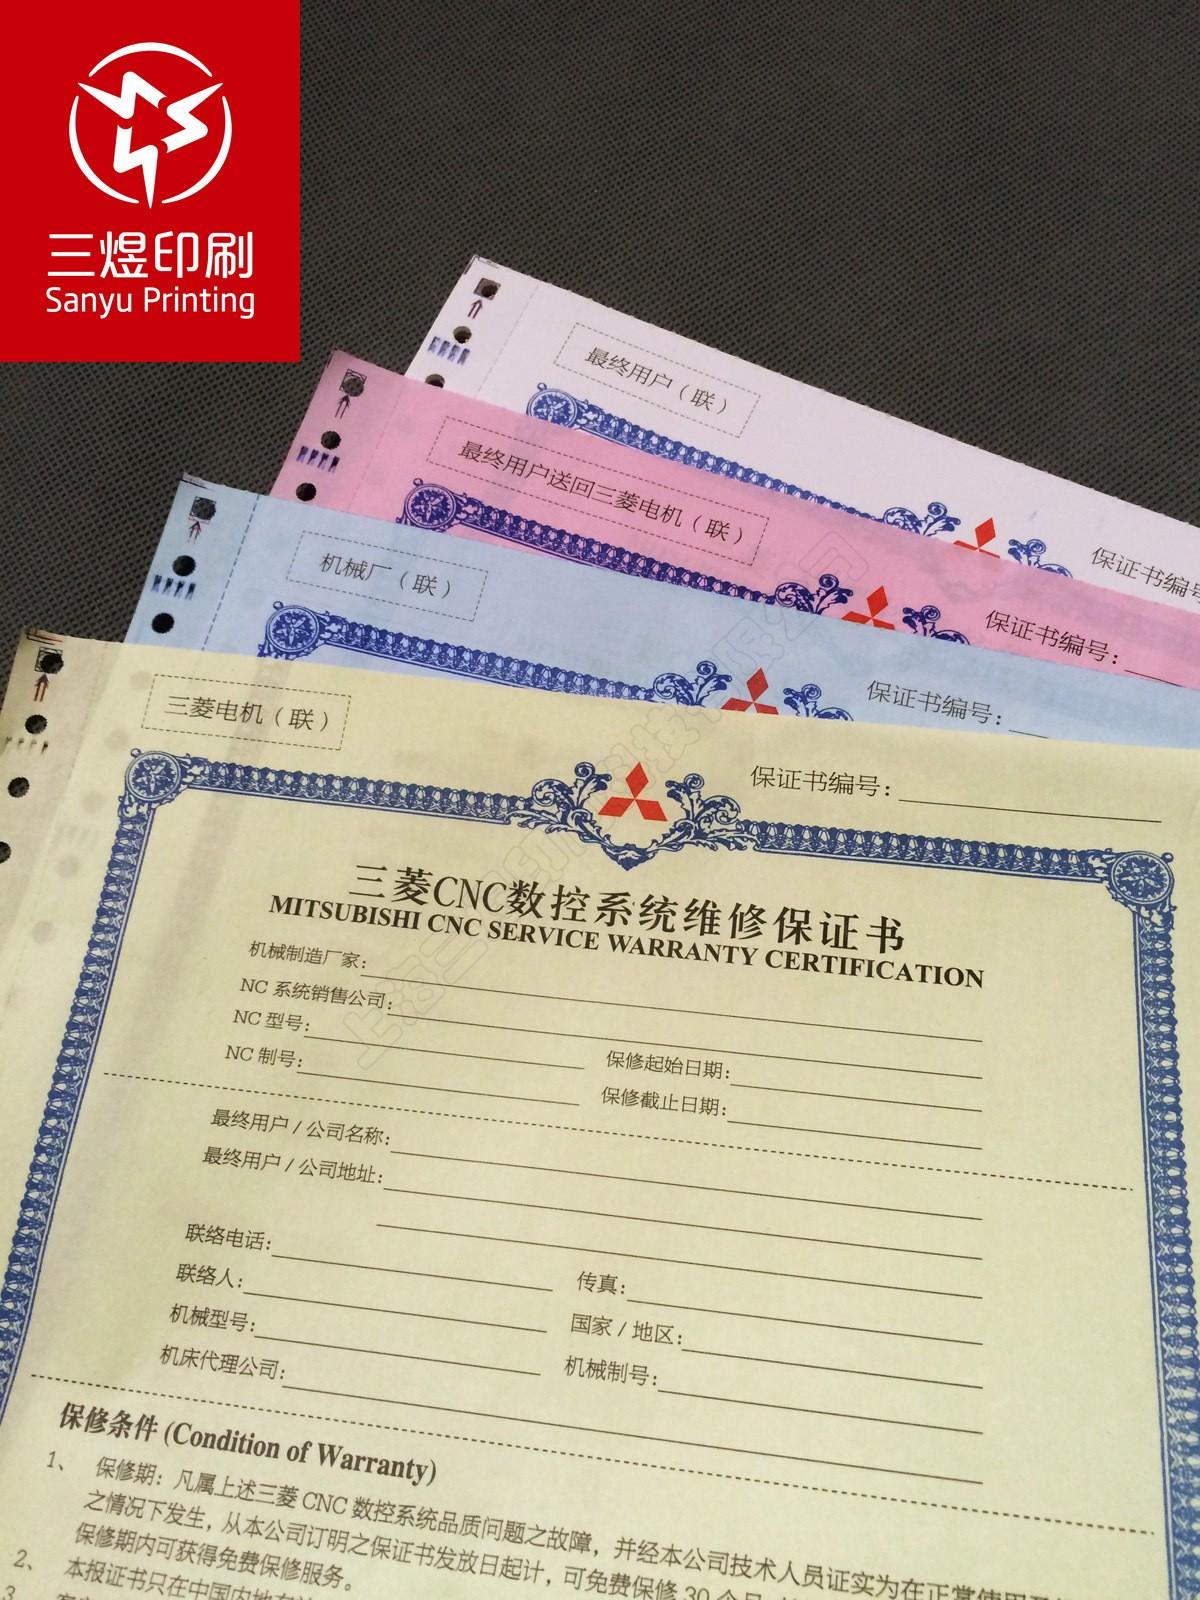 企业联单印刷 文教类产品印刷 无碳纸 设计,制版,出片,印刷,装订,后期加工